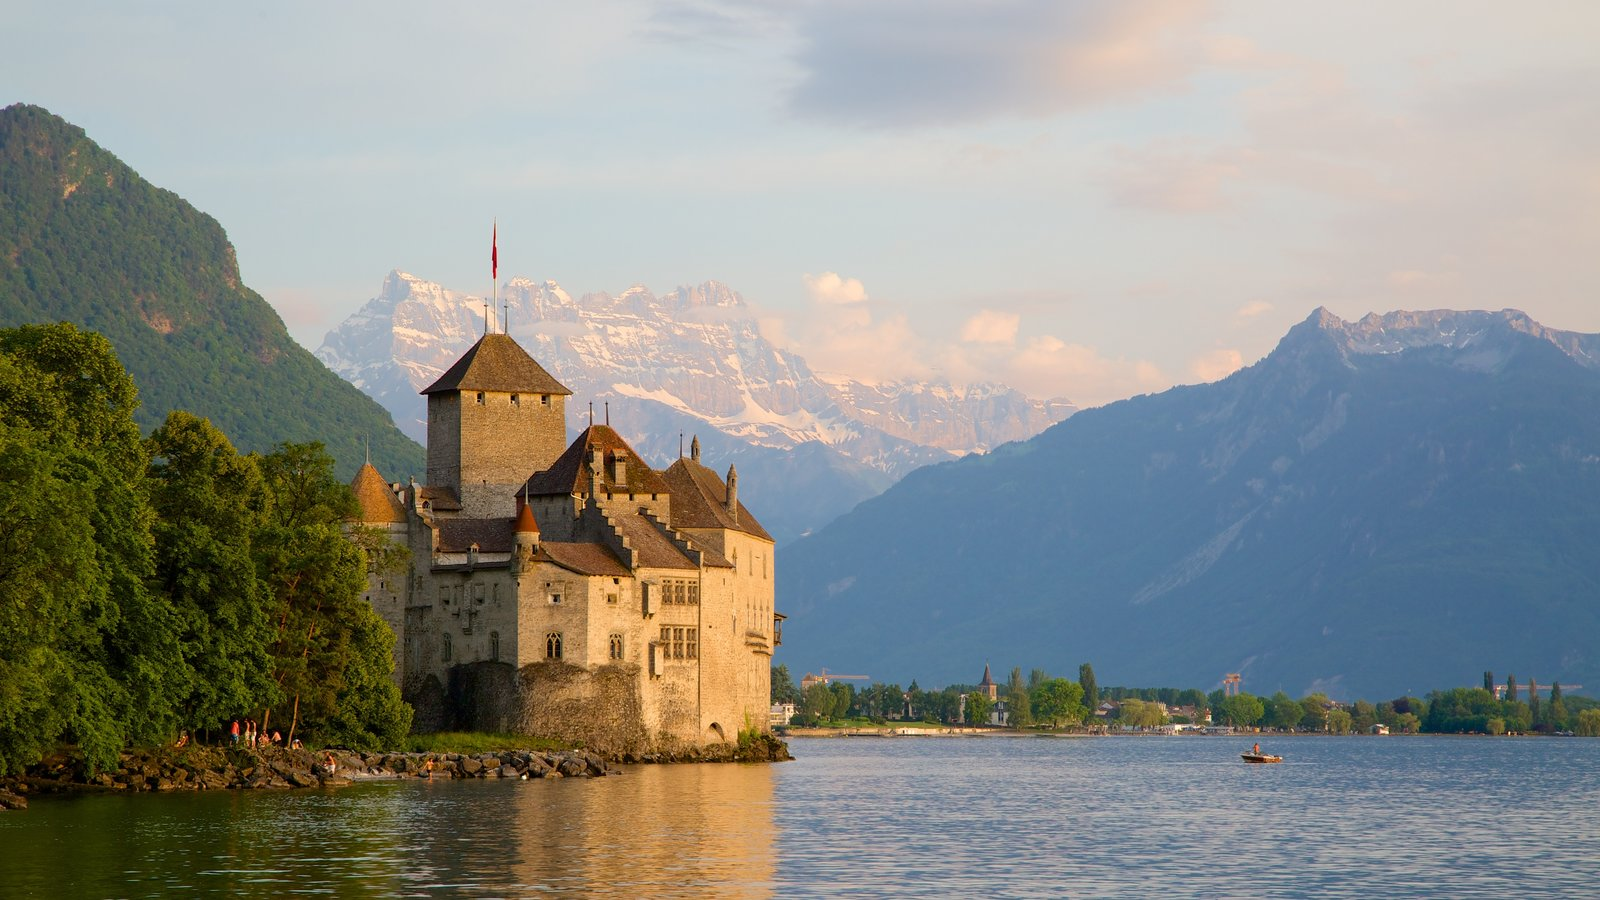 Château de Chillon que incluye castillo o palacio y un lago o abrevadero